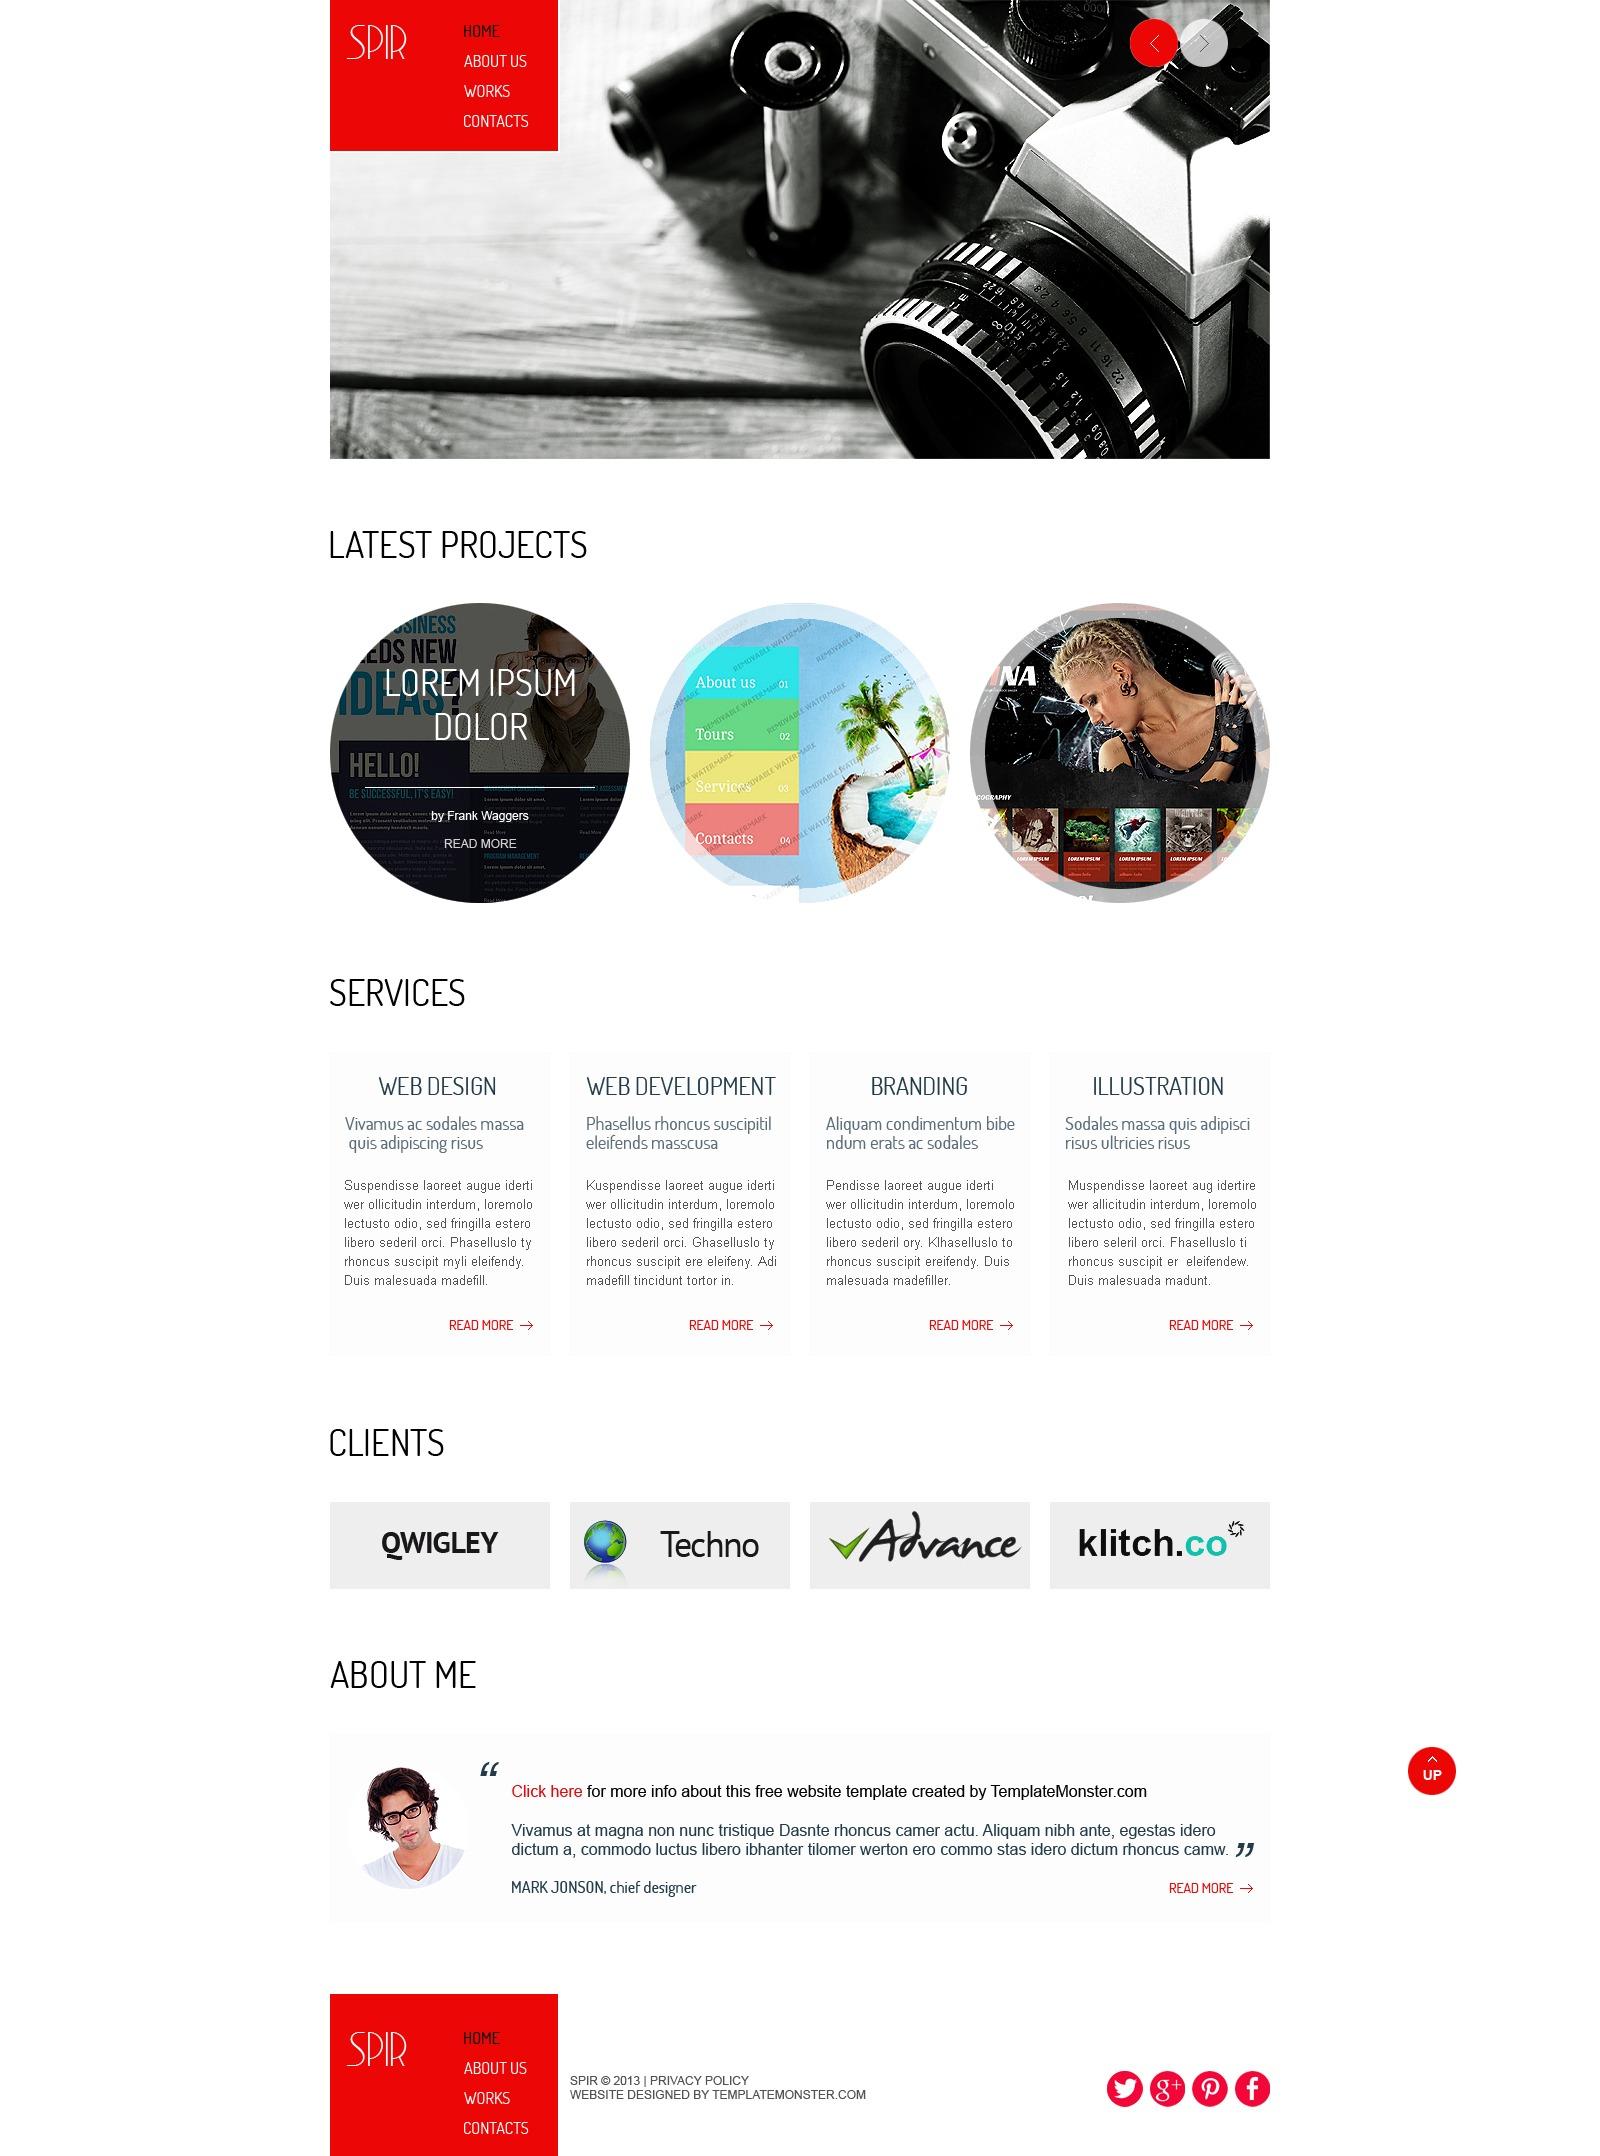 Szablon strony www Free HTML5 Theme for Portfolio #51648 - zrzut ekranu